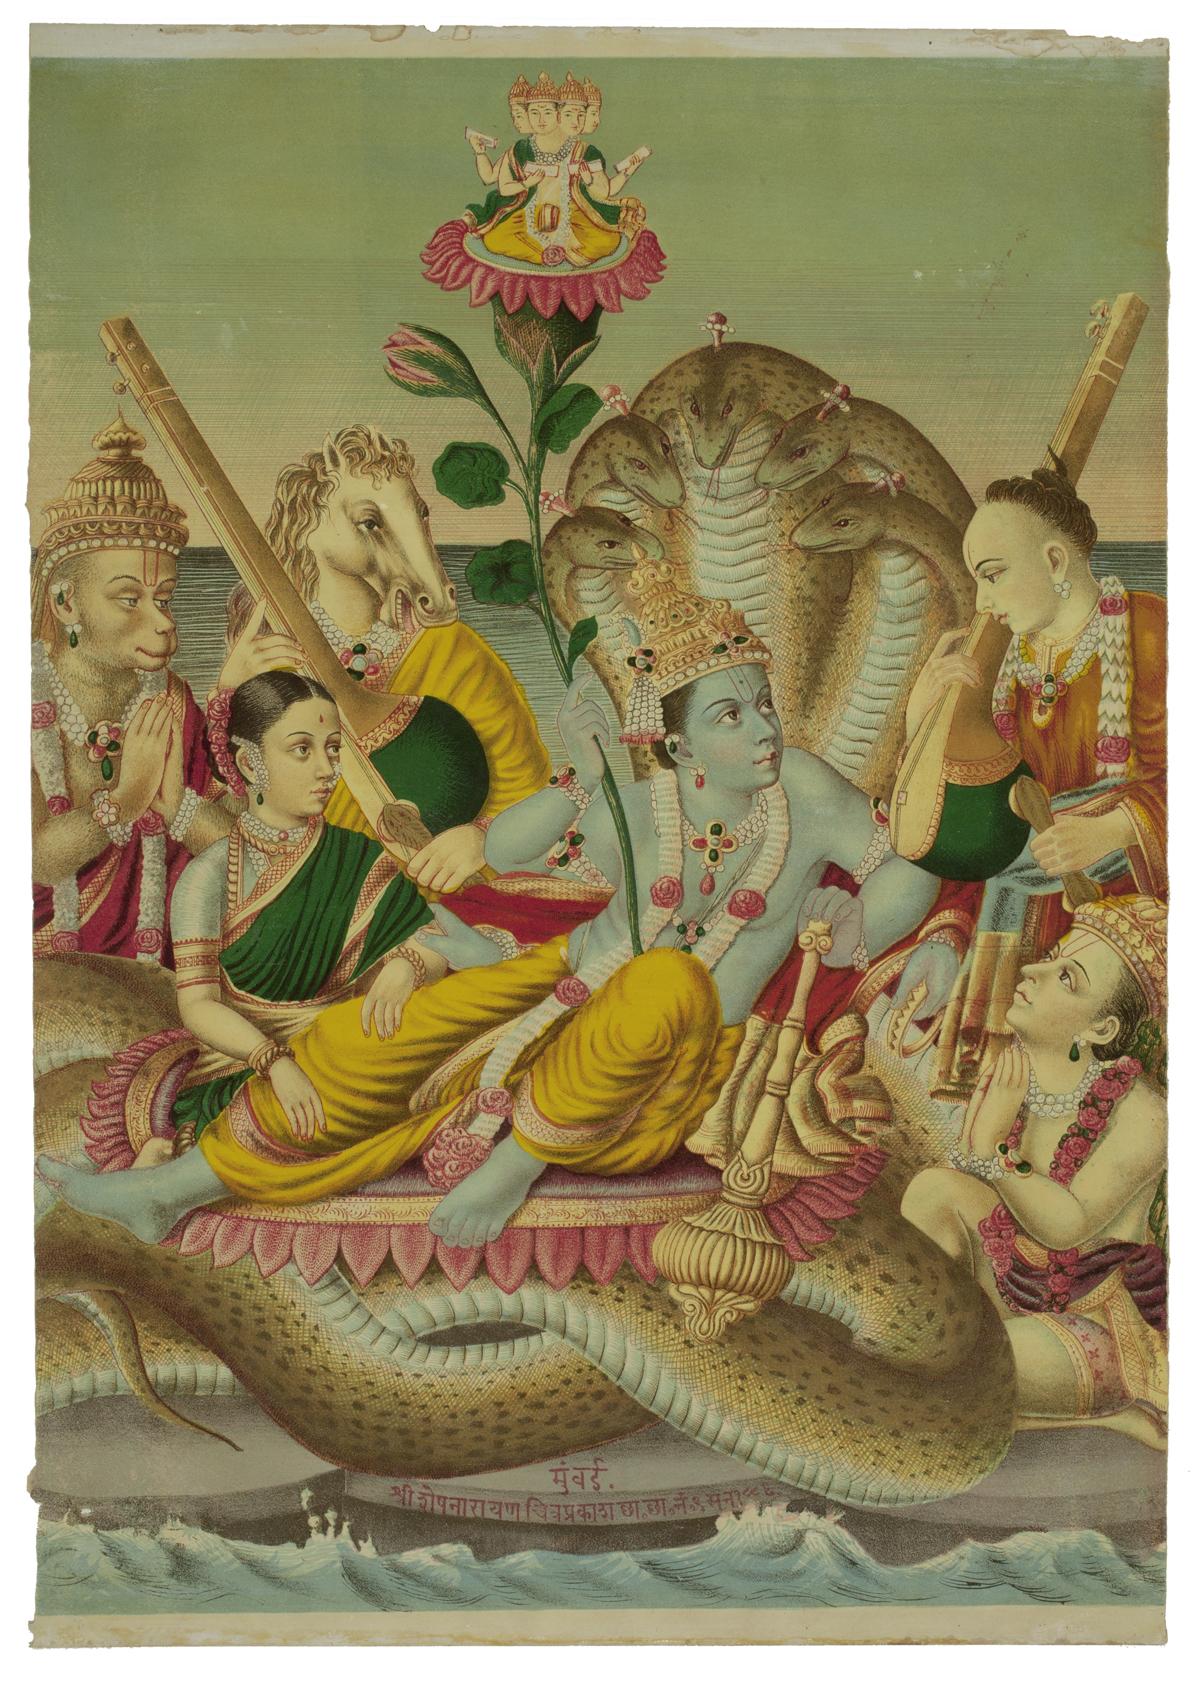 Shri Sheshanarayana, 1886